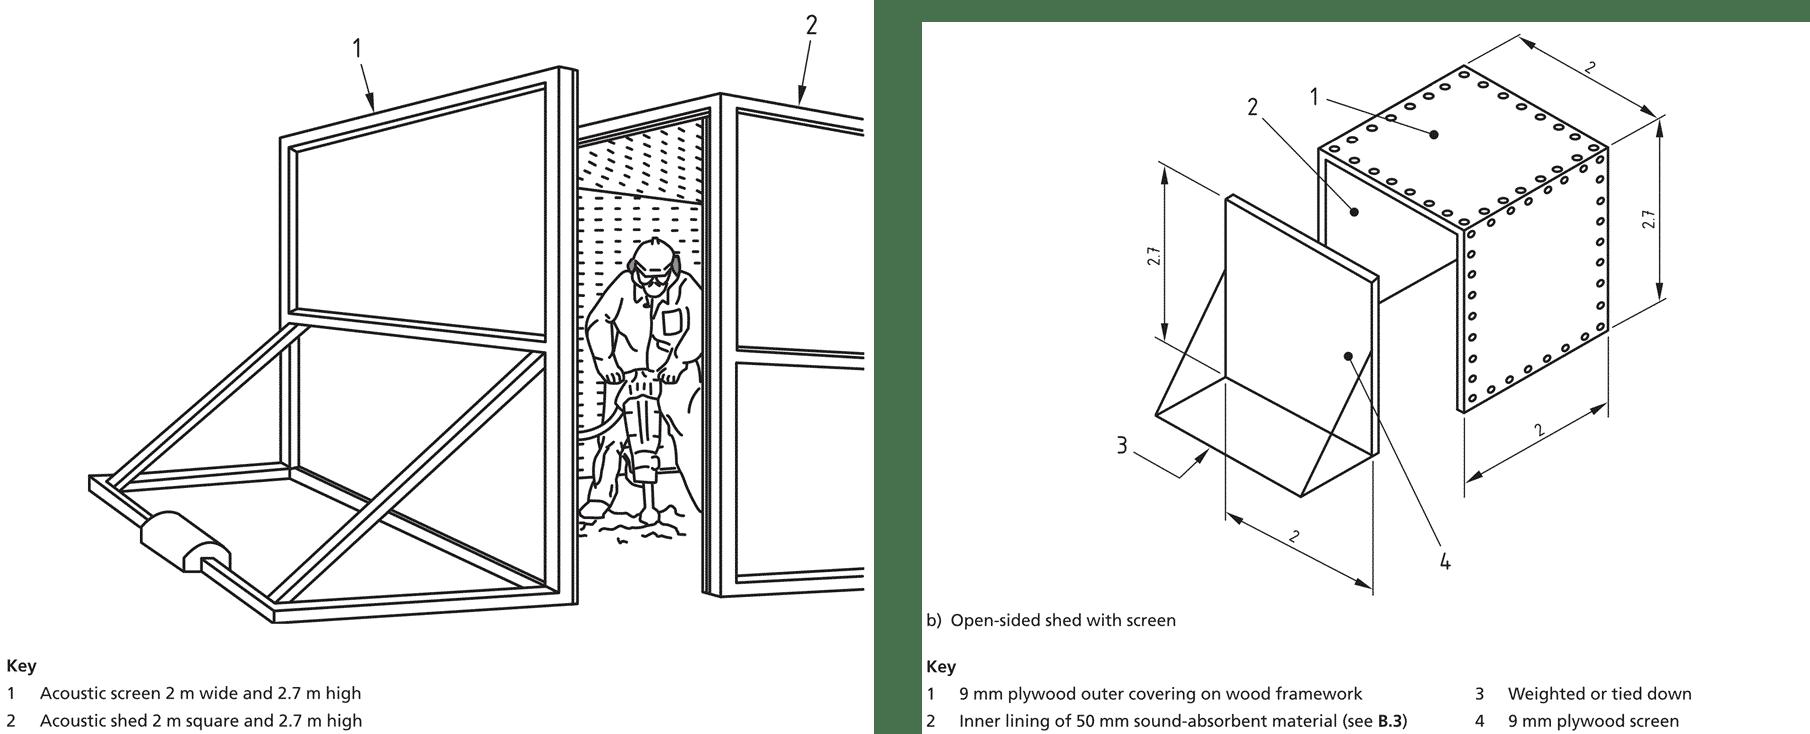 Construction noise enclosure